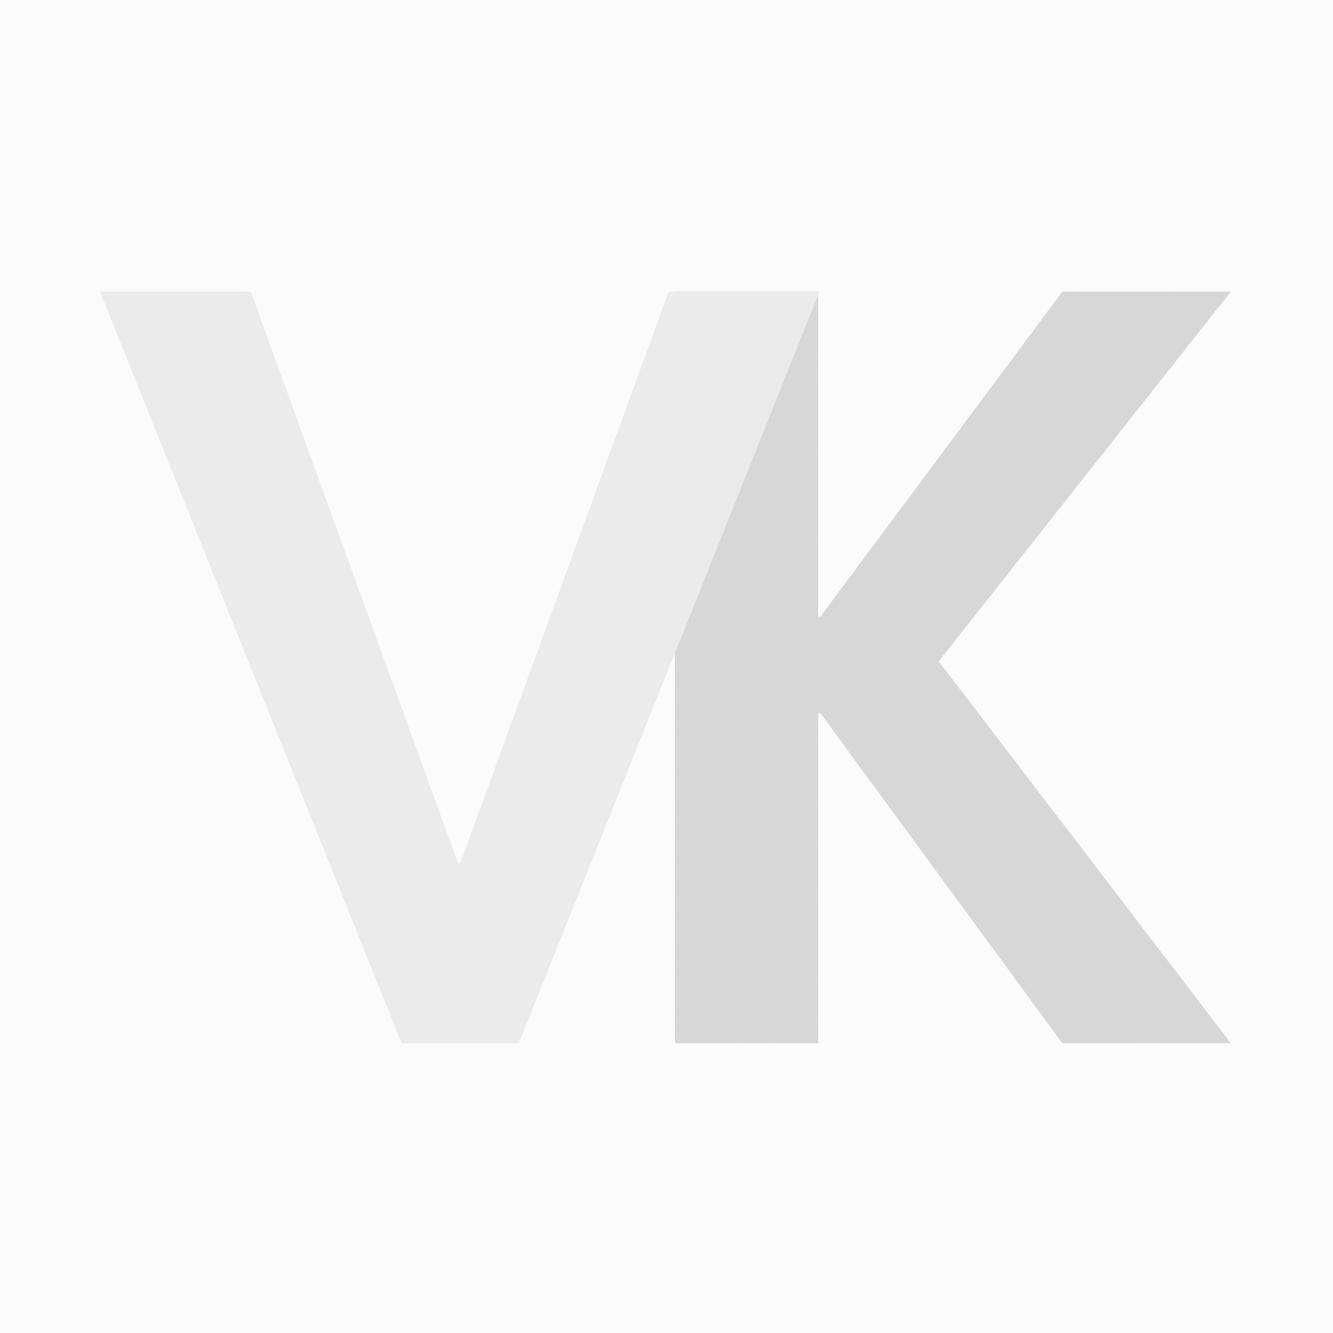 Goldwell Men Reshade Developer + Applicator Set 250ml